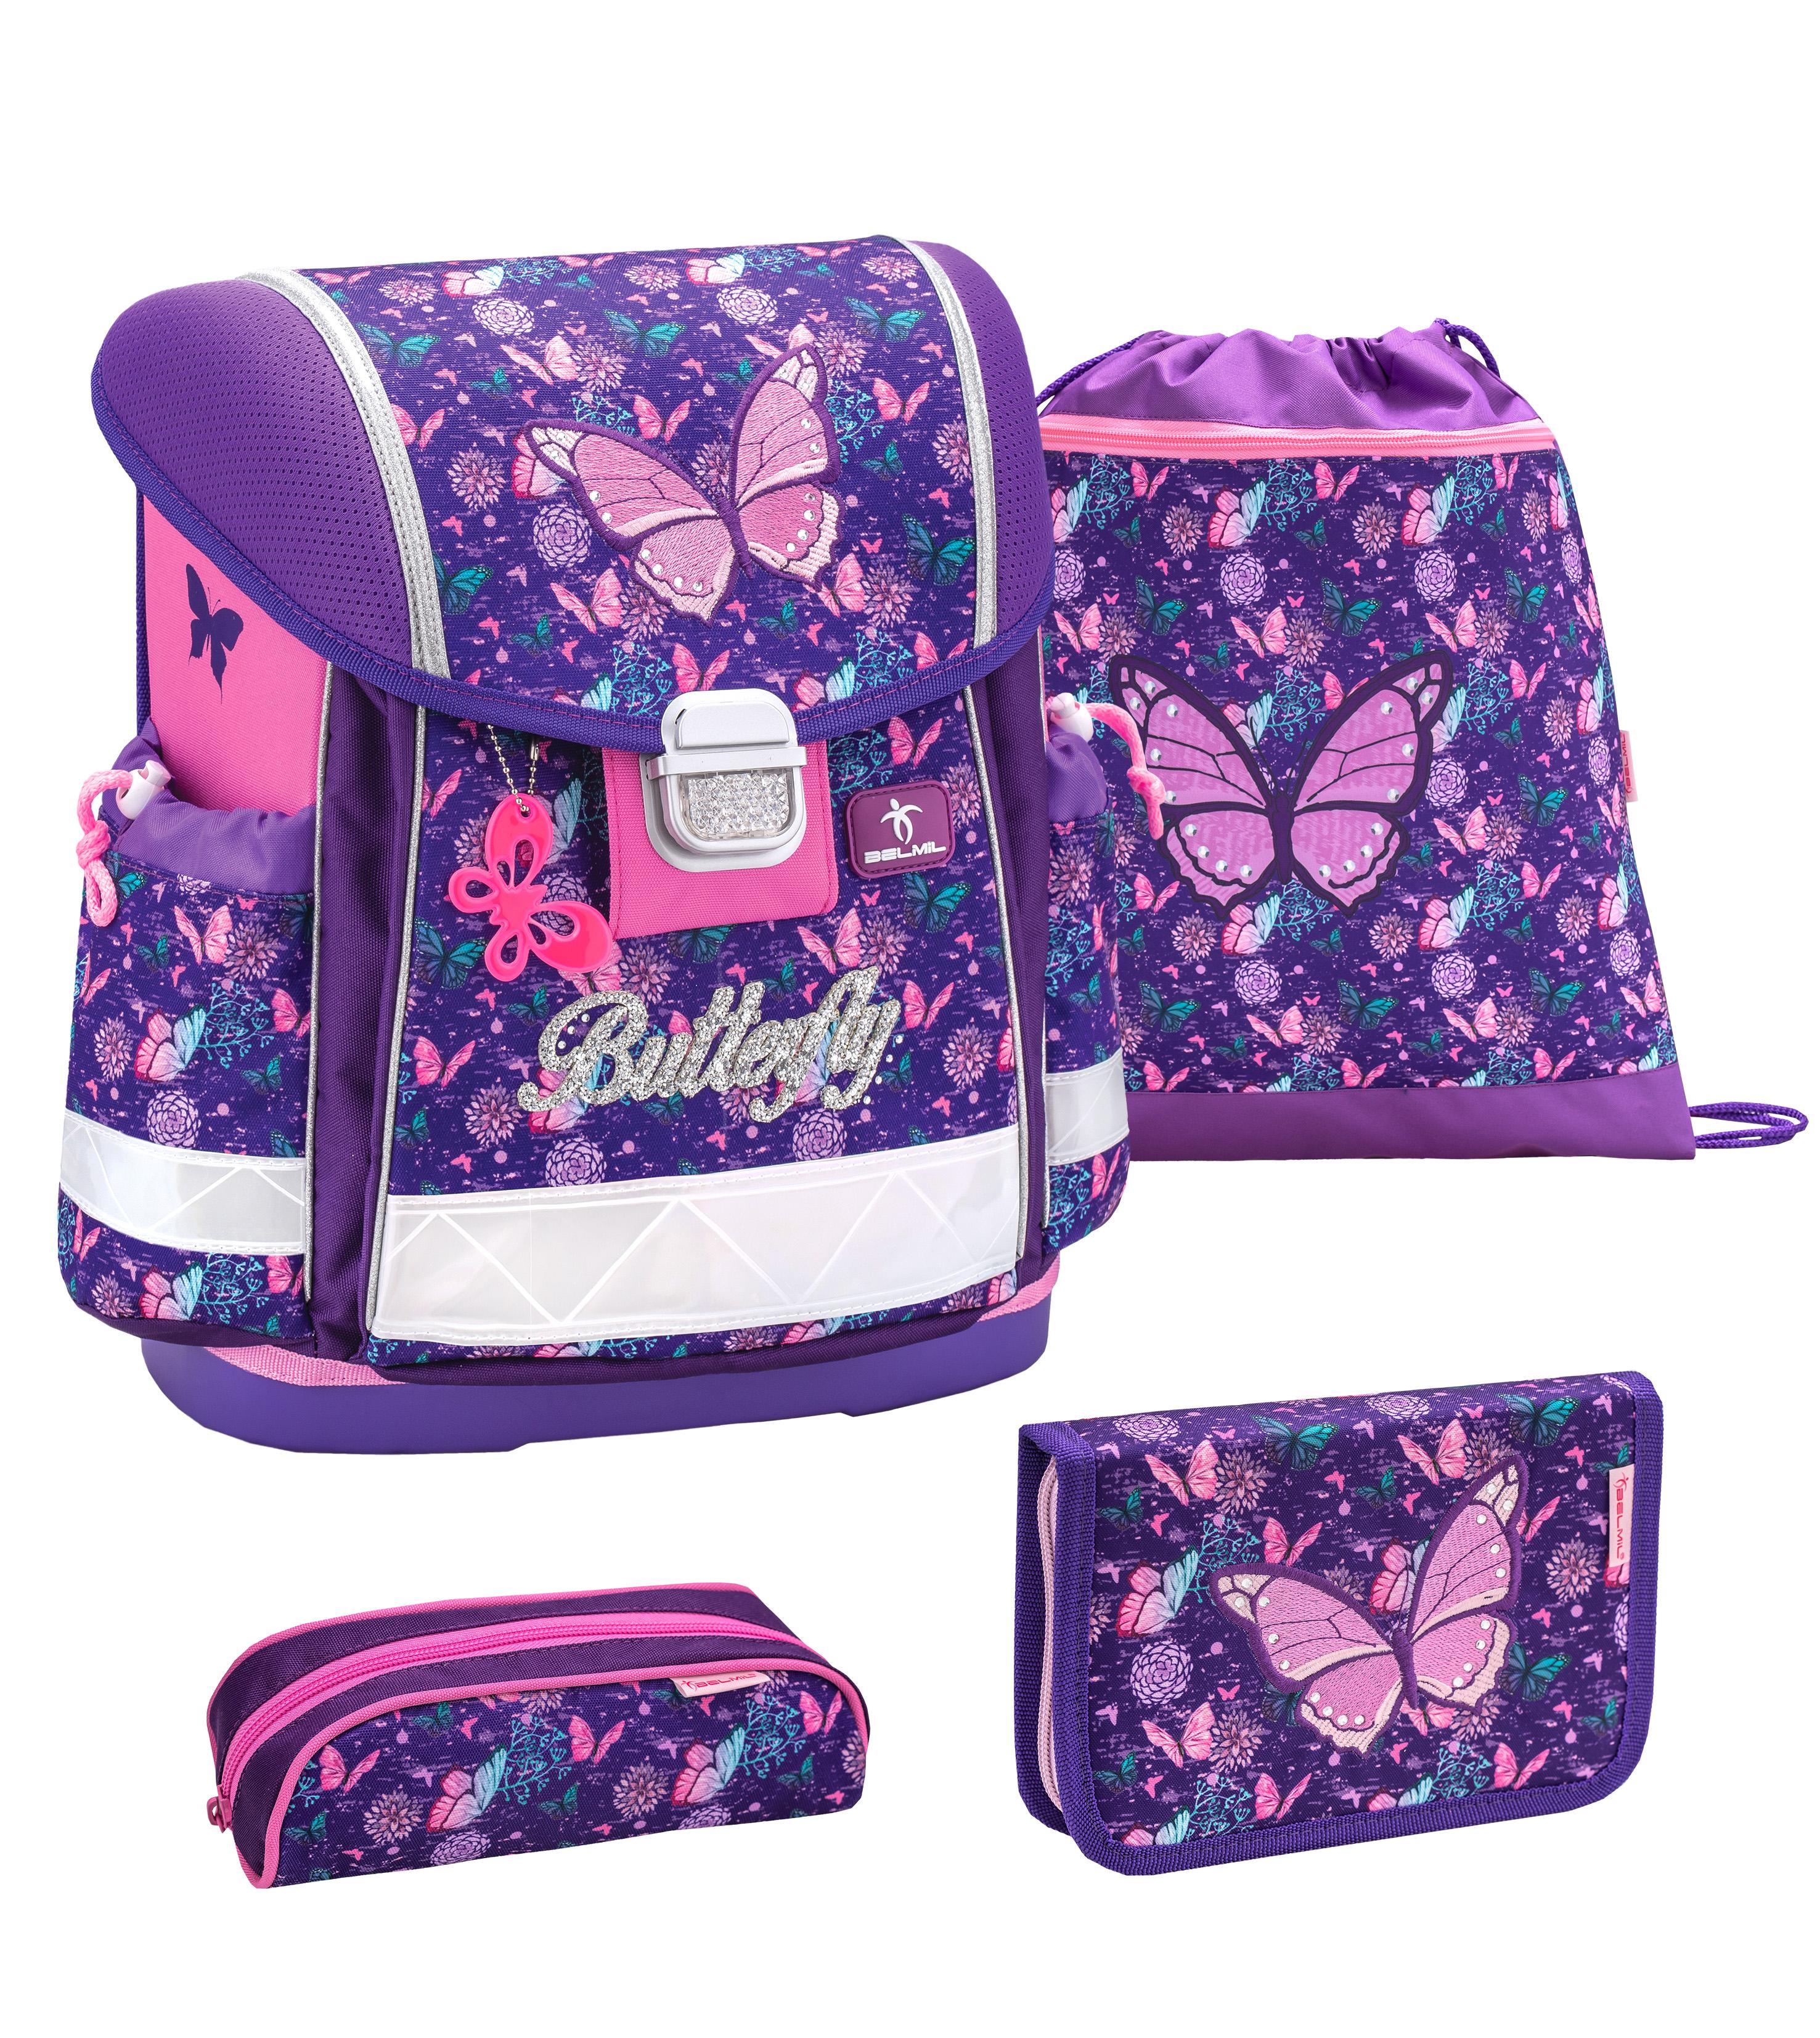 Ghiozdan BELMIL SET Classy Butterfly